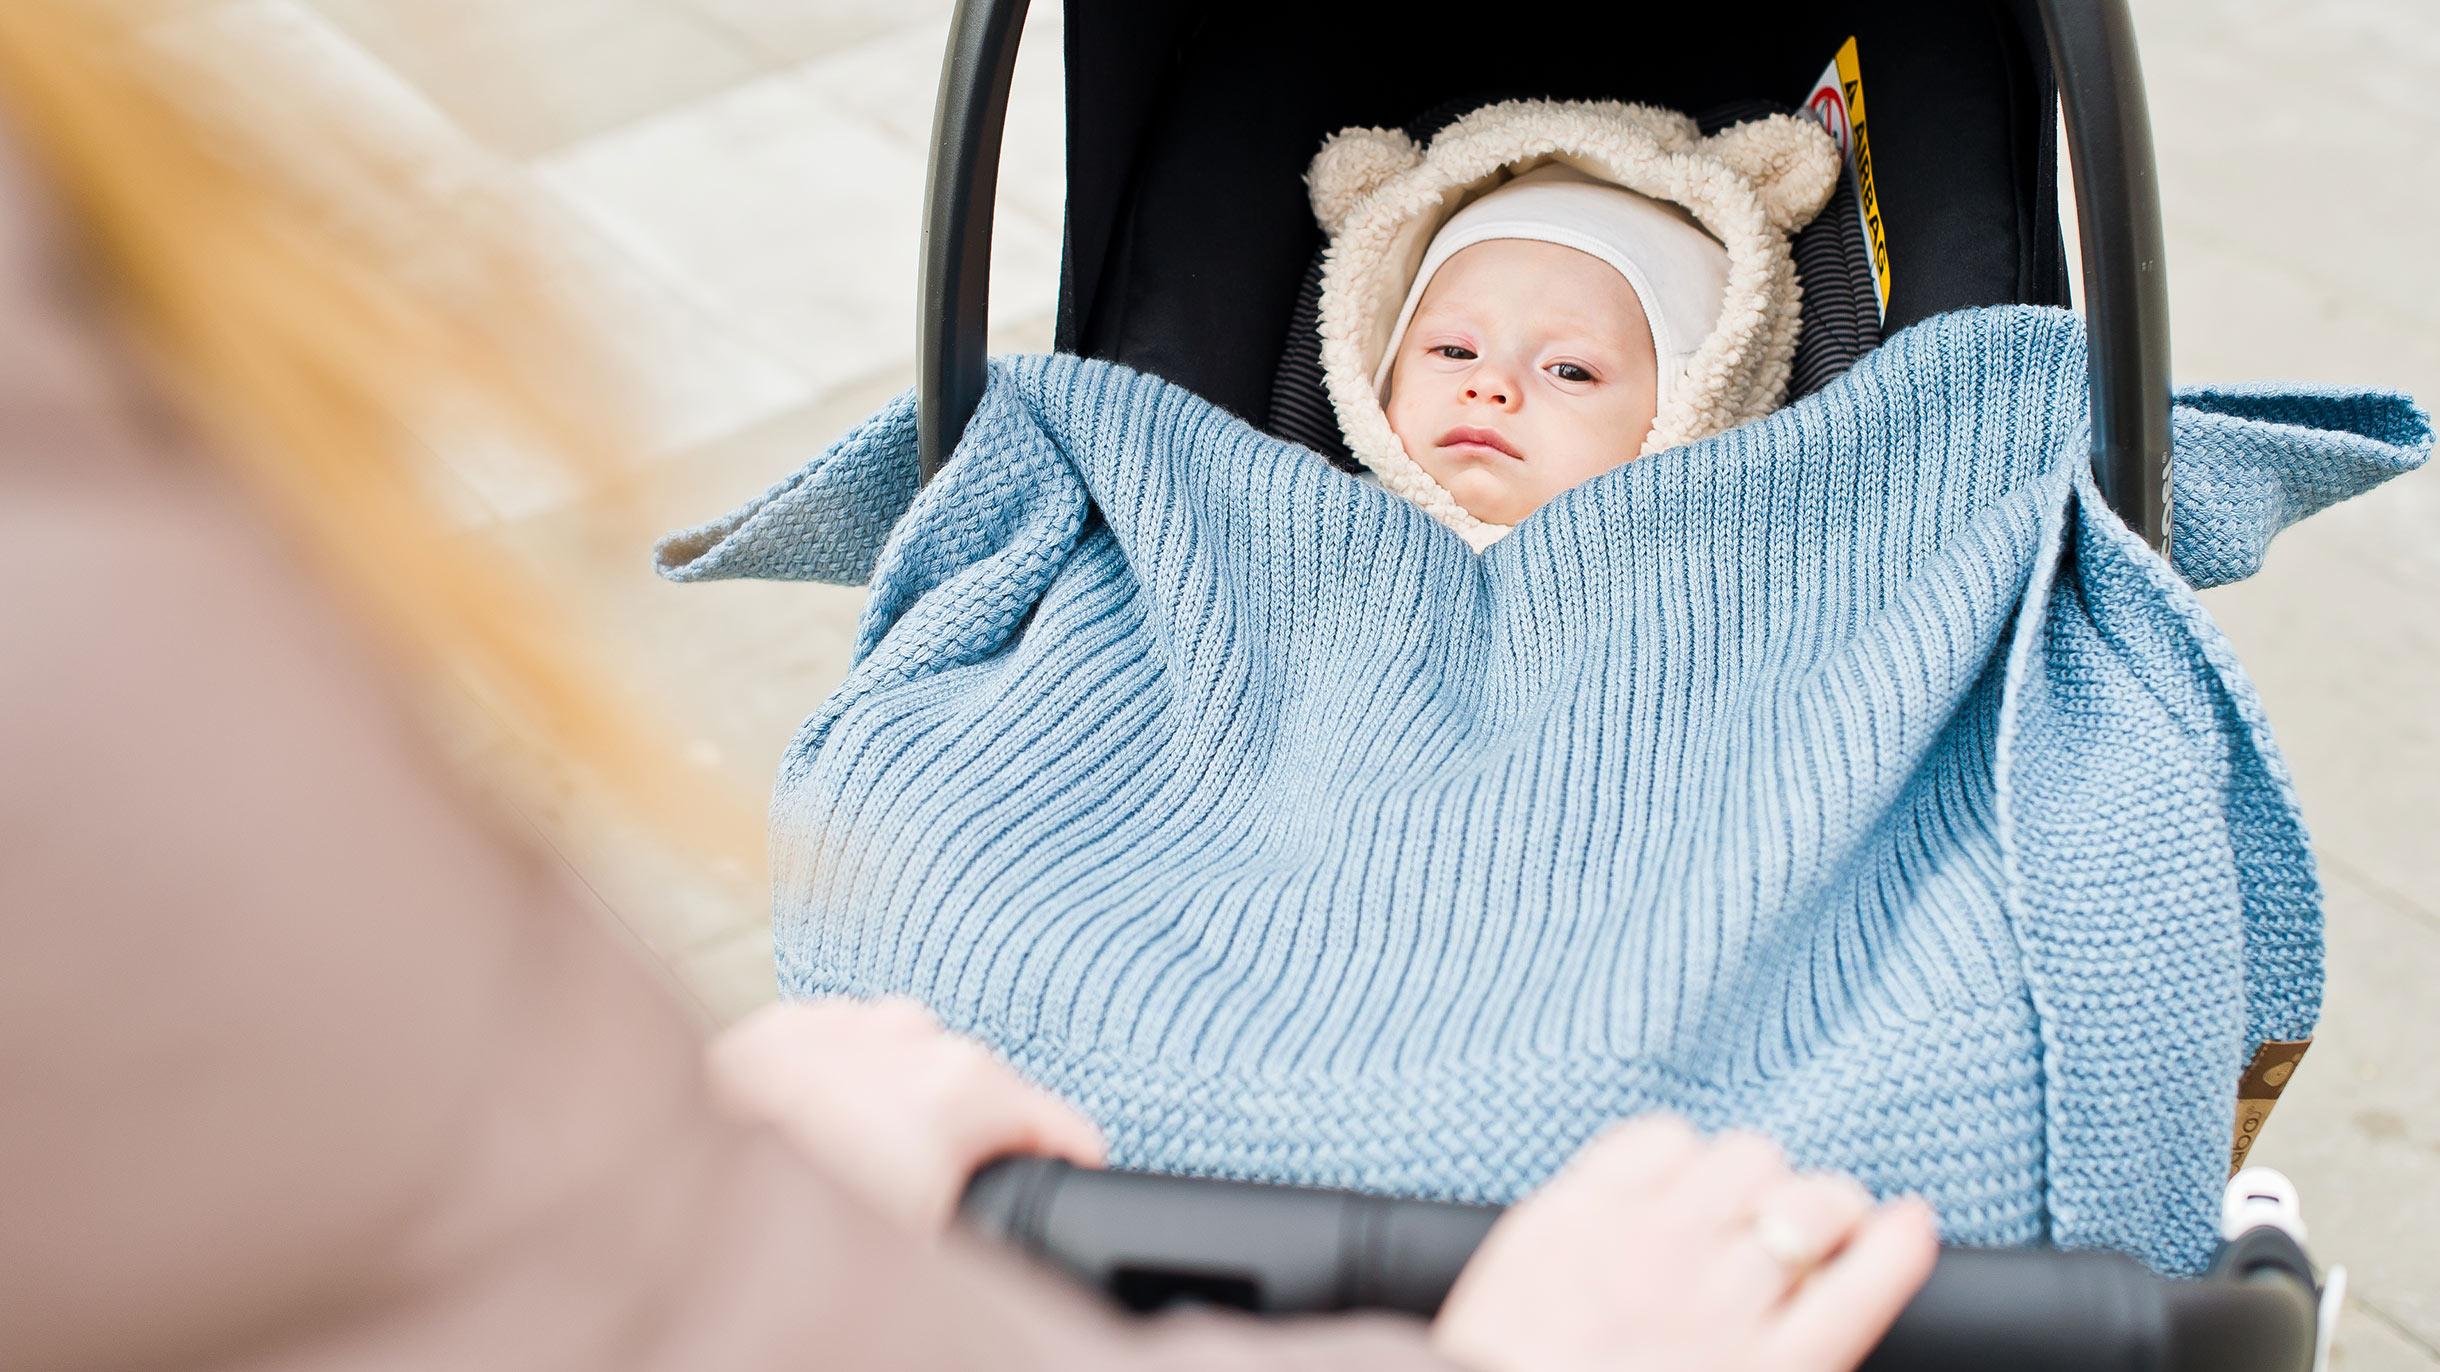 Сертификат на маткапитал и СНИЛС ребенка можно получить без заявления